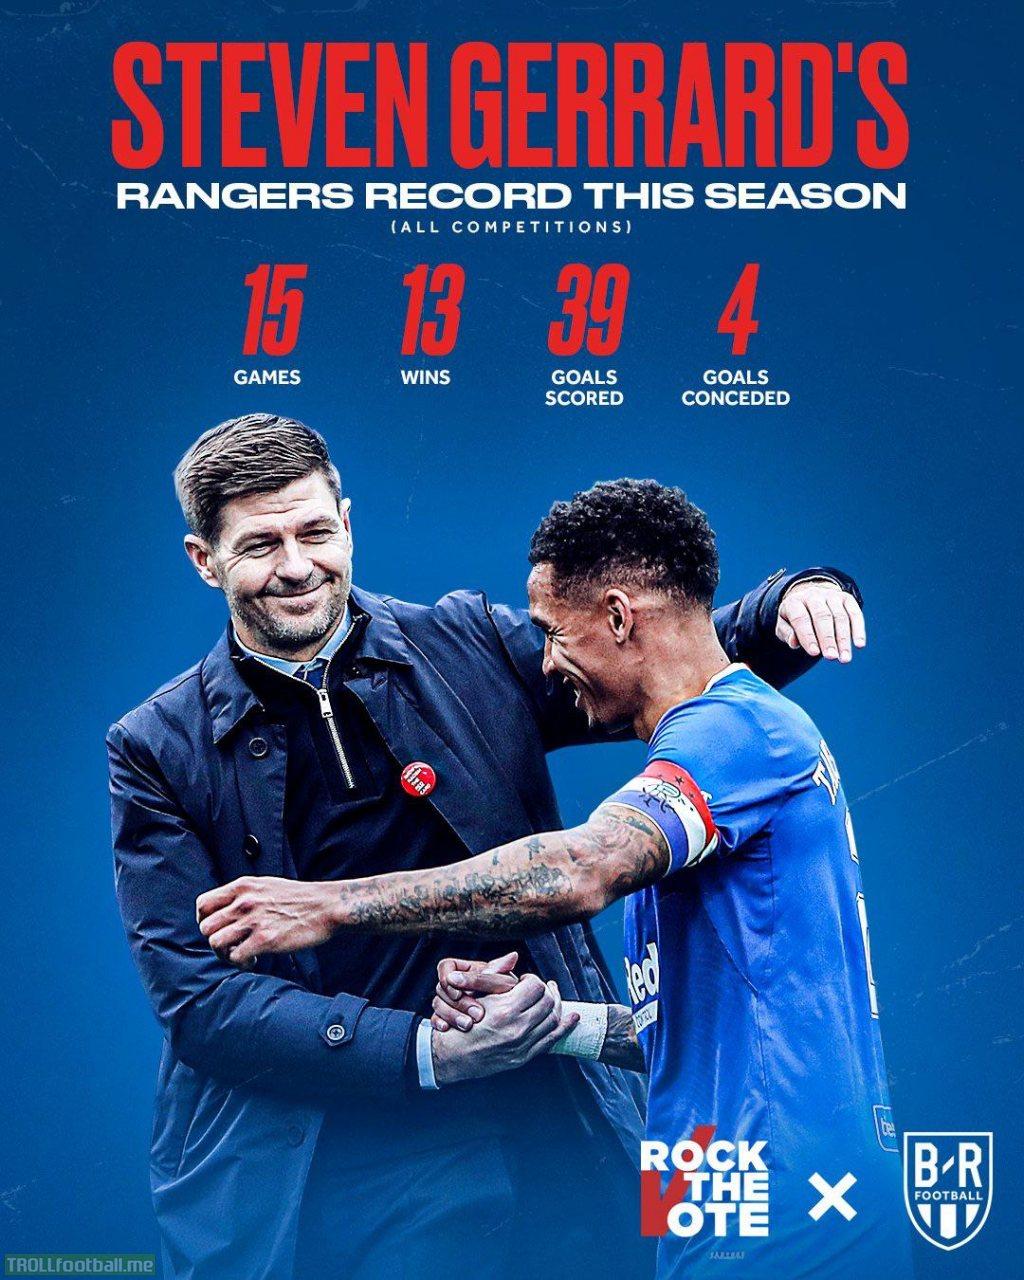 [B/R Football] Steven Gerrard's Rangers this season